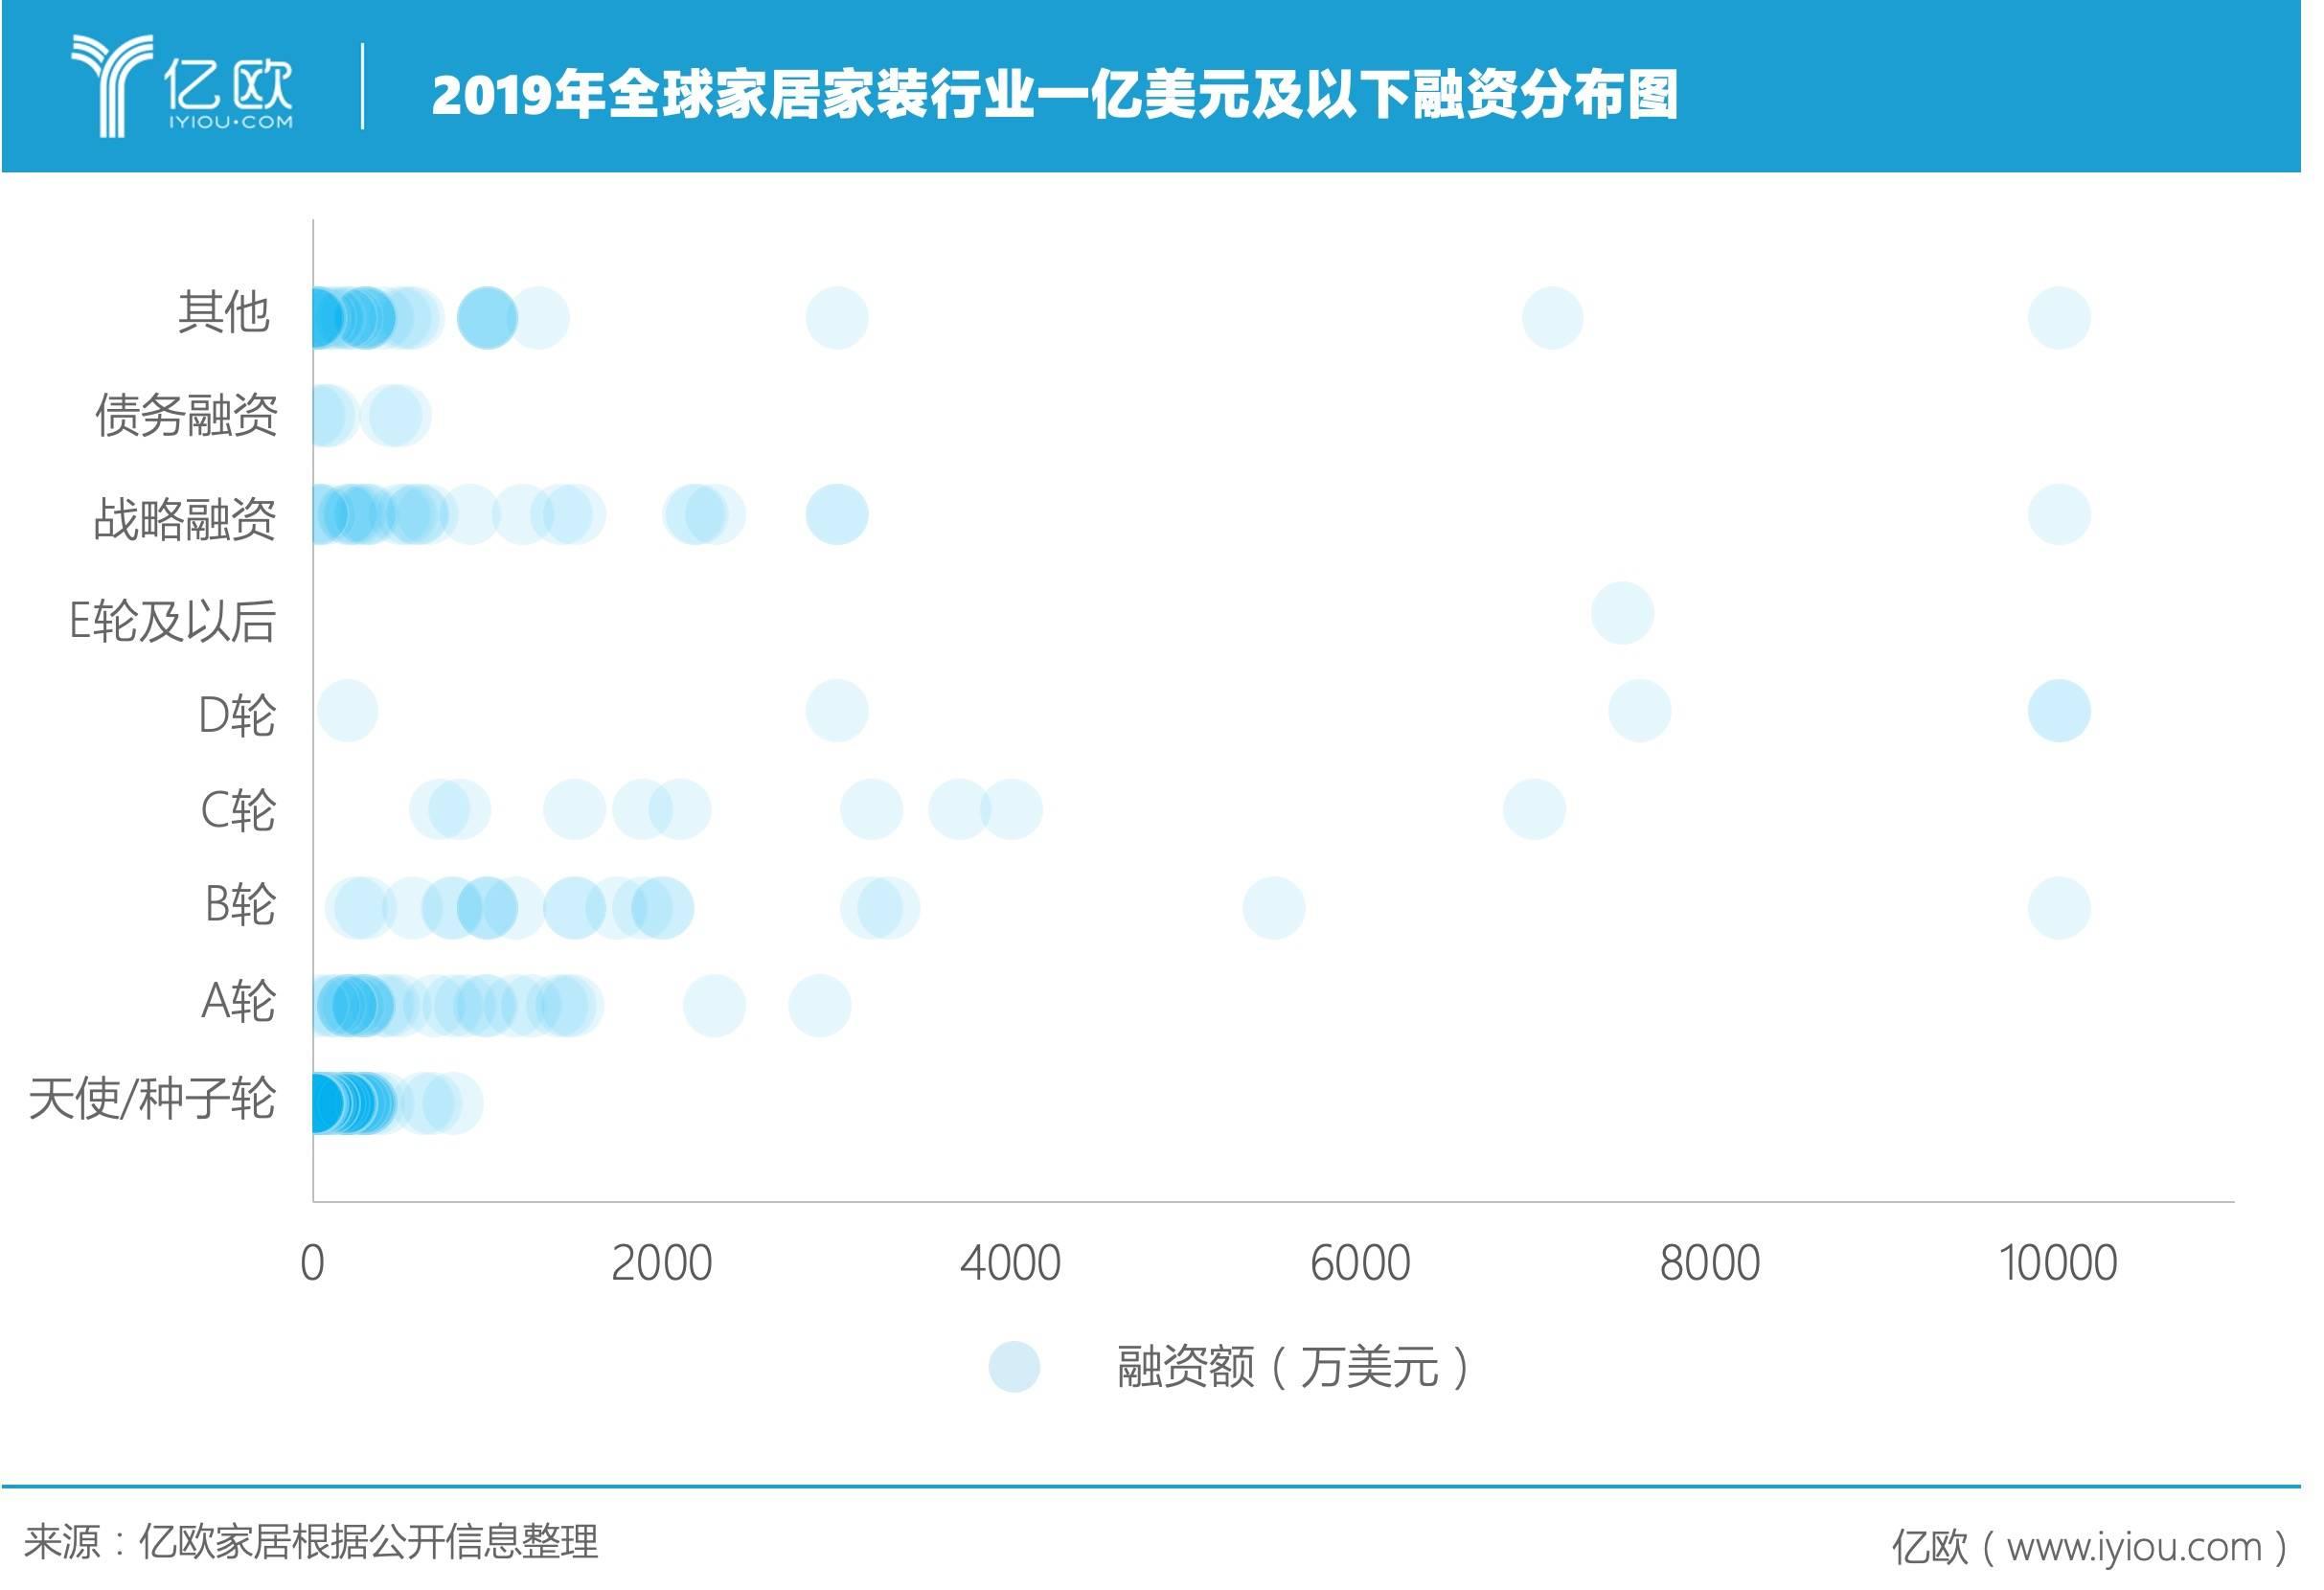 2019年全球家居家装行业1亿美元以下融资分布图